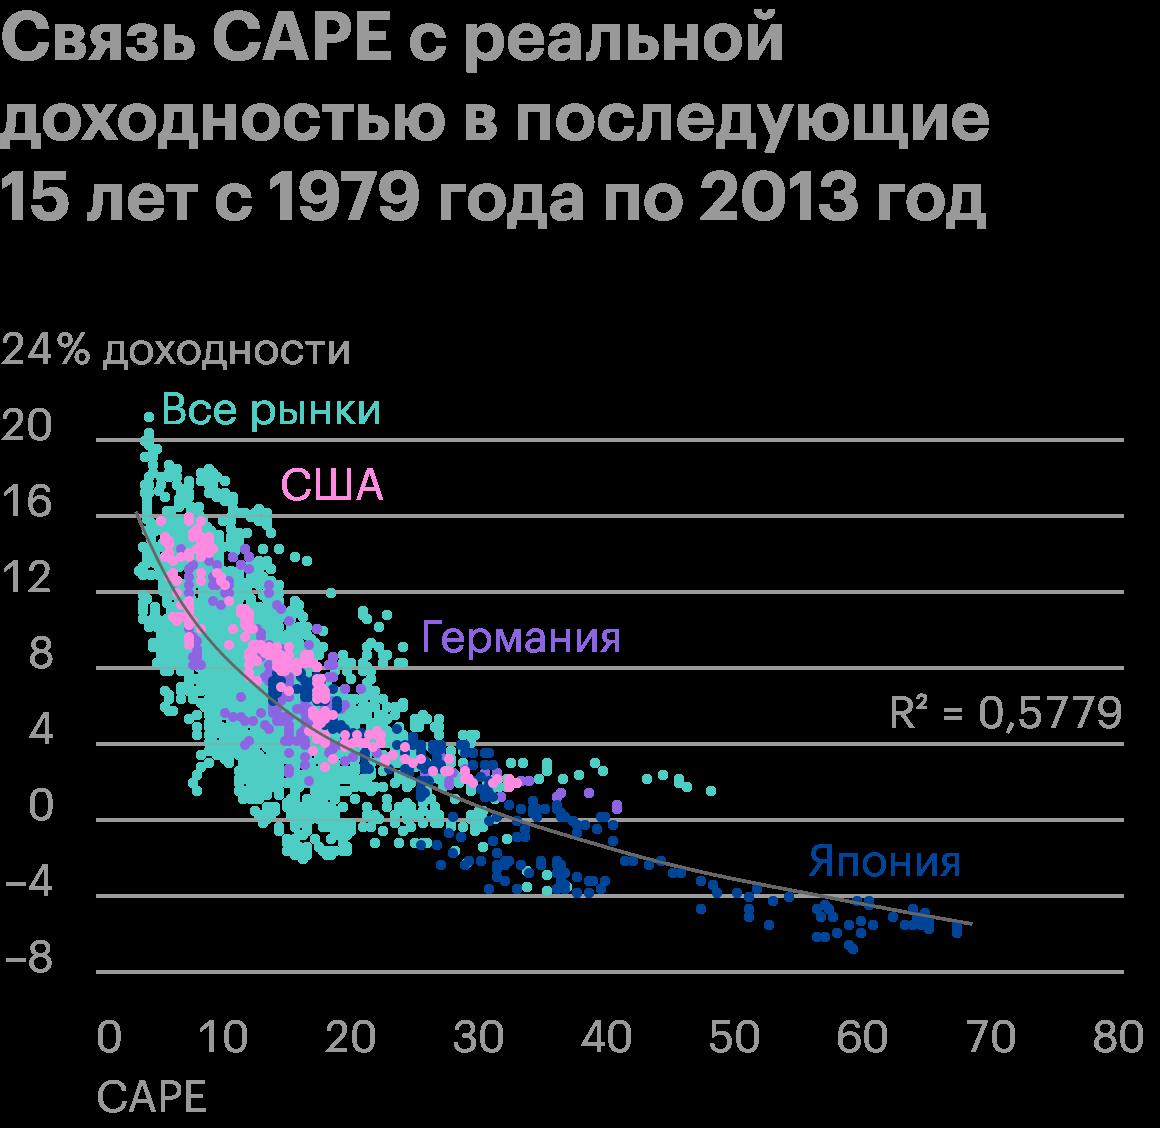 Коэффициент детерминации R2 равен0,5779, тоесть реальную будущую доходность почти на 58%можно объяснить через CAPE. Длякаждой страны — все рынки, Япония, Германия и США — доходность считалась в местной валюте с учетом инфляции и дивидендов. ПриCAPE выше30 доходность не превышала4%. Источник: Star Capital